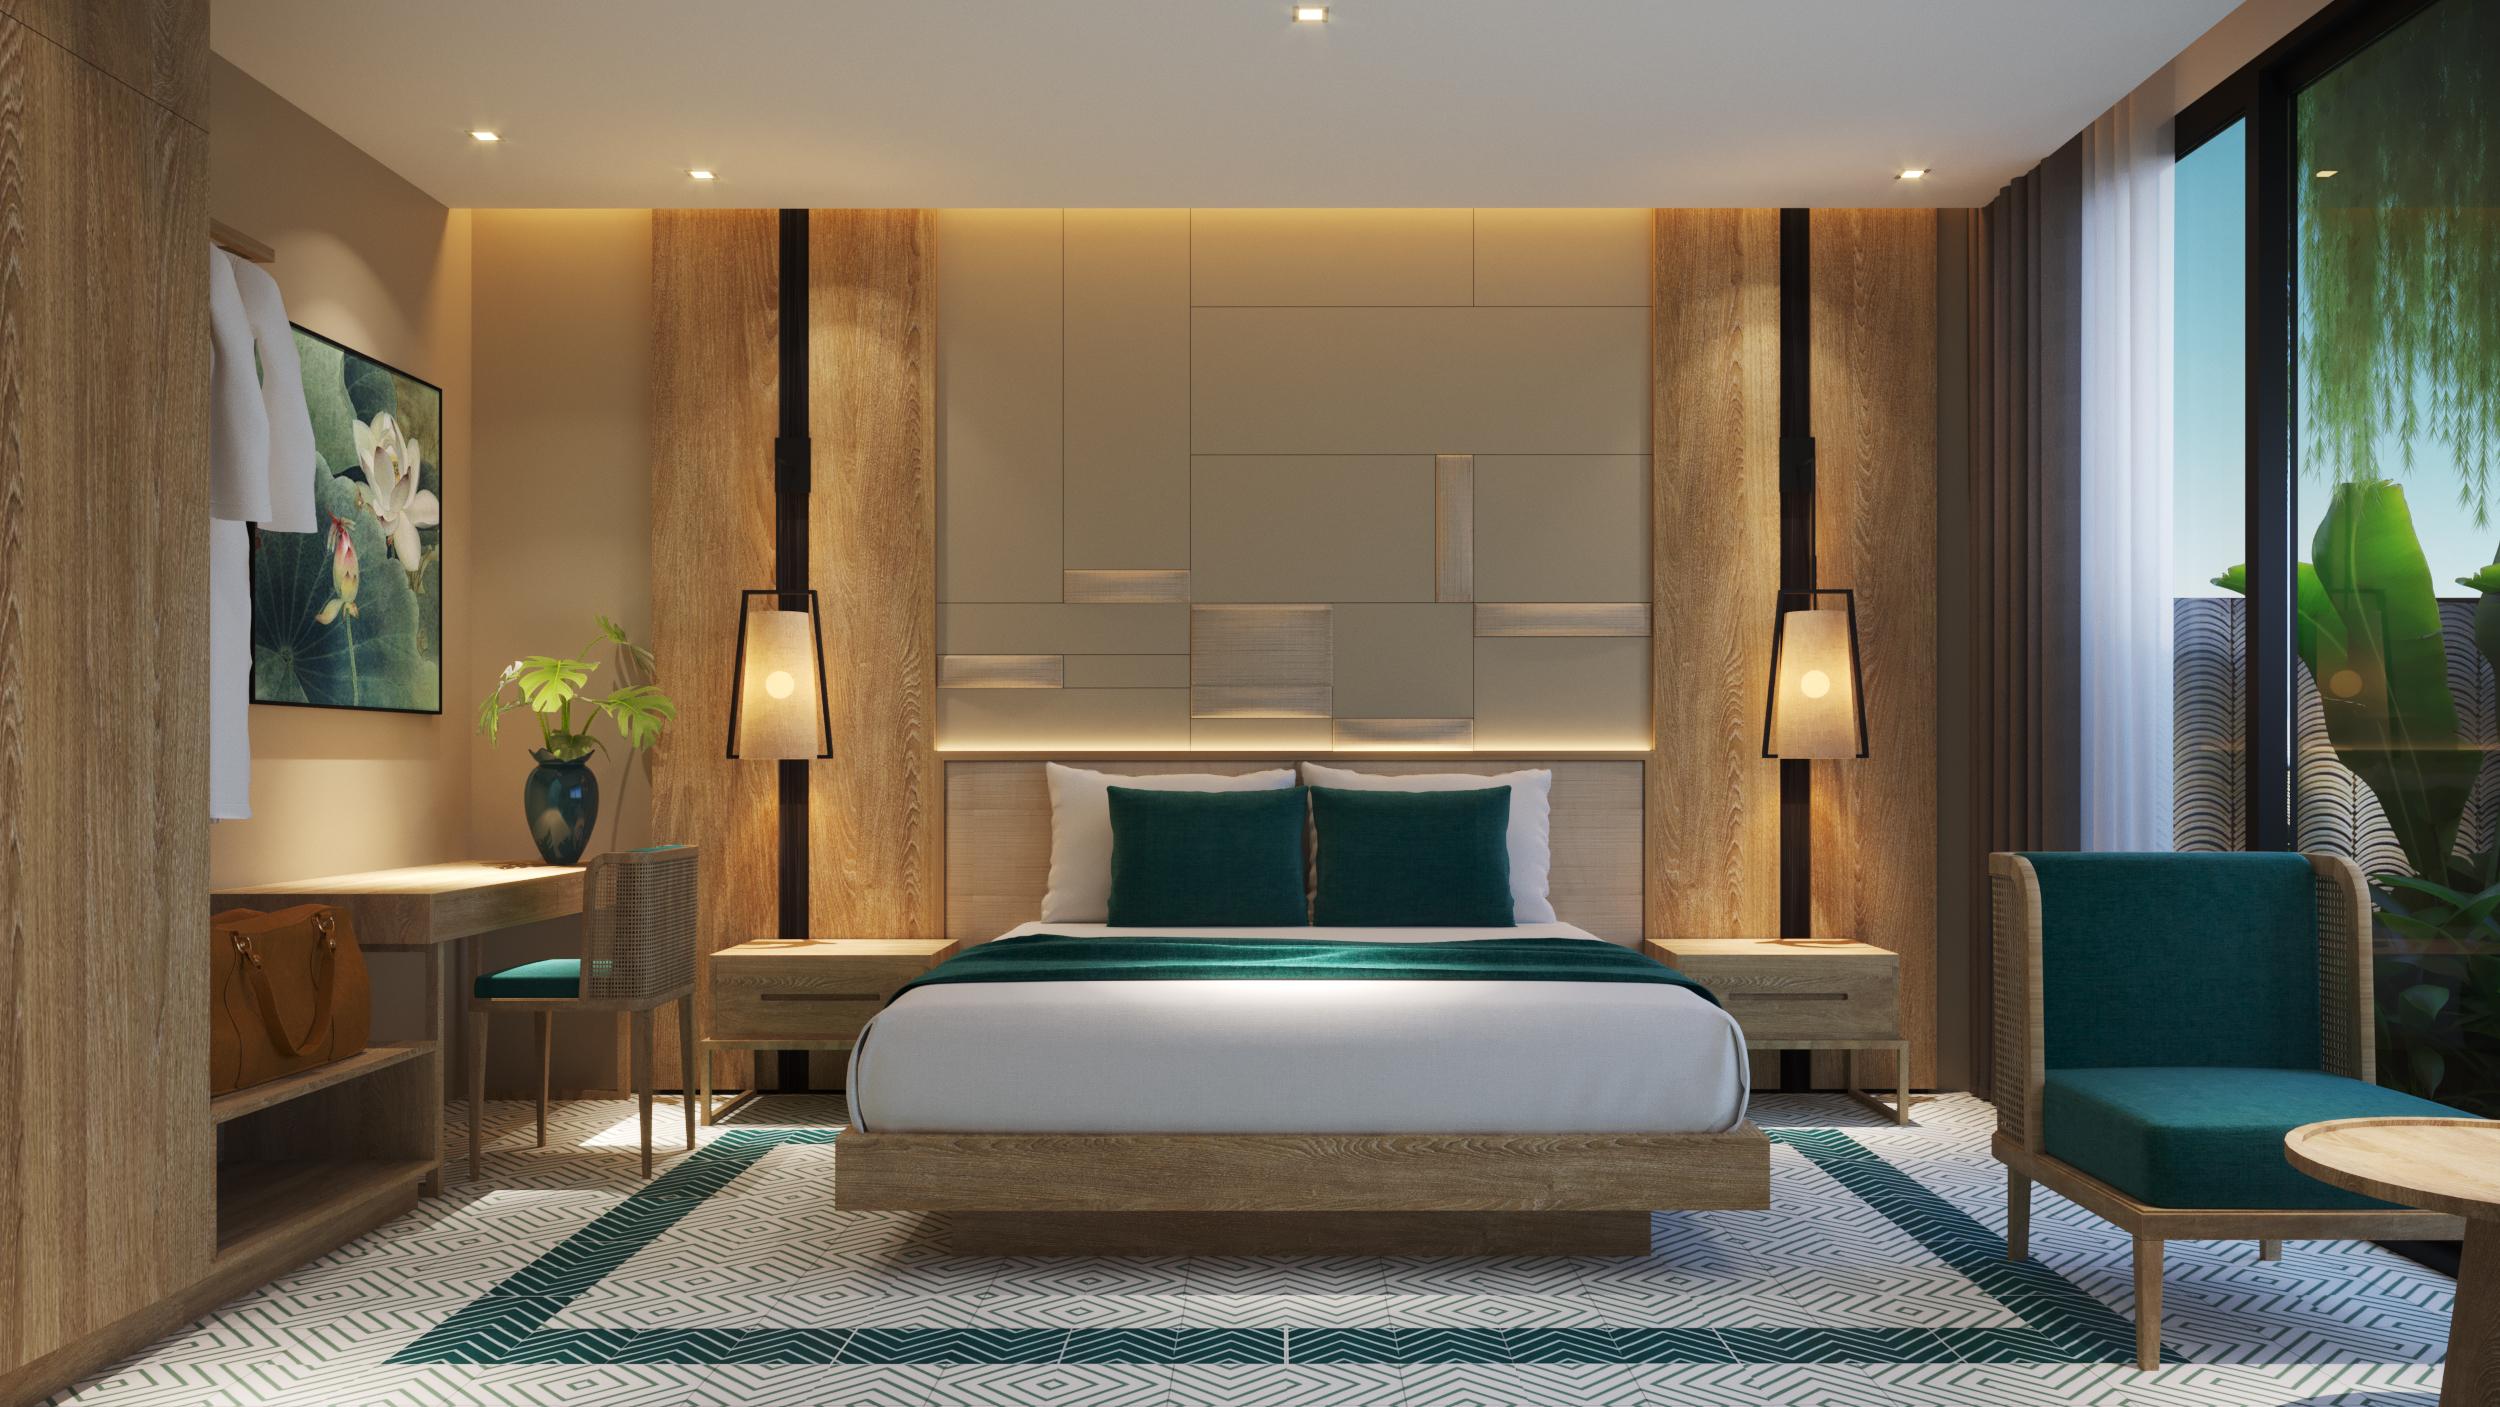 Thiết kế nội thất Khách Sạn tại Đà Nẵng CASAMIA AP2 HOI AN 1587708633 1